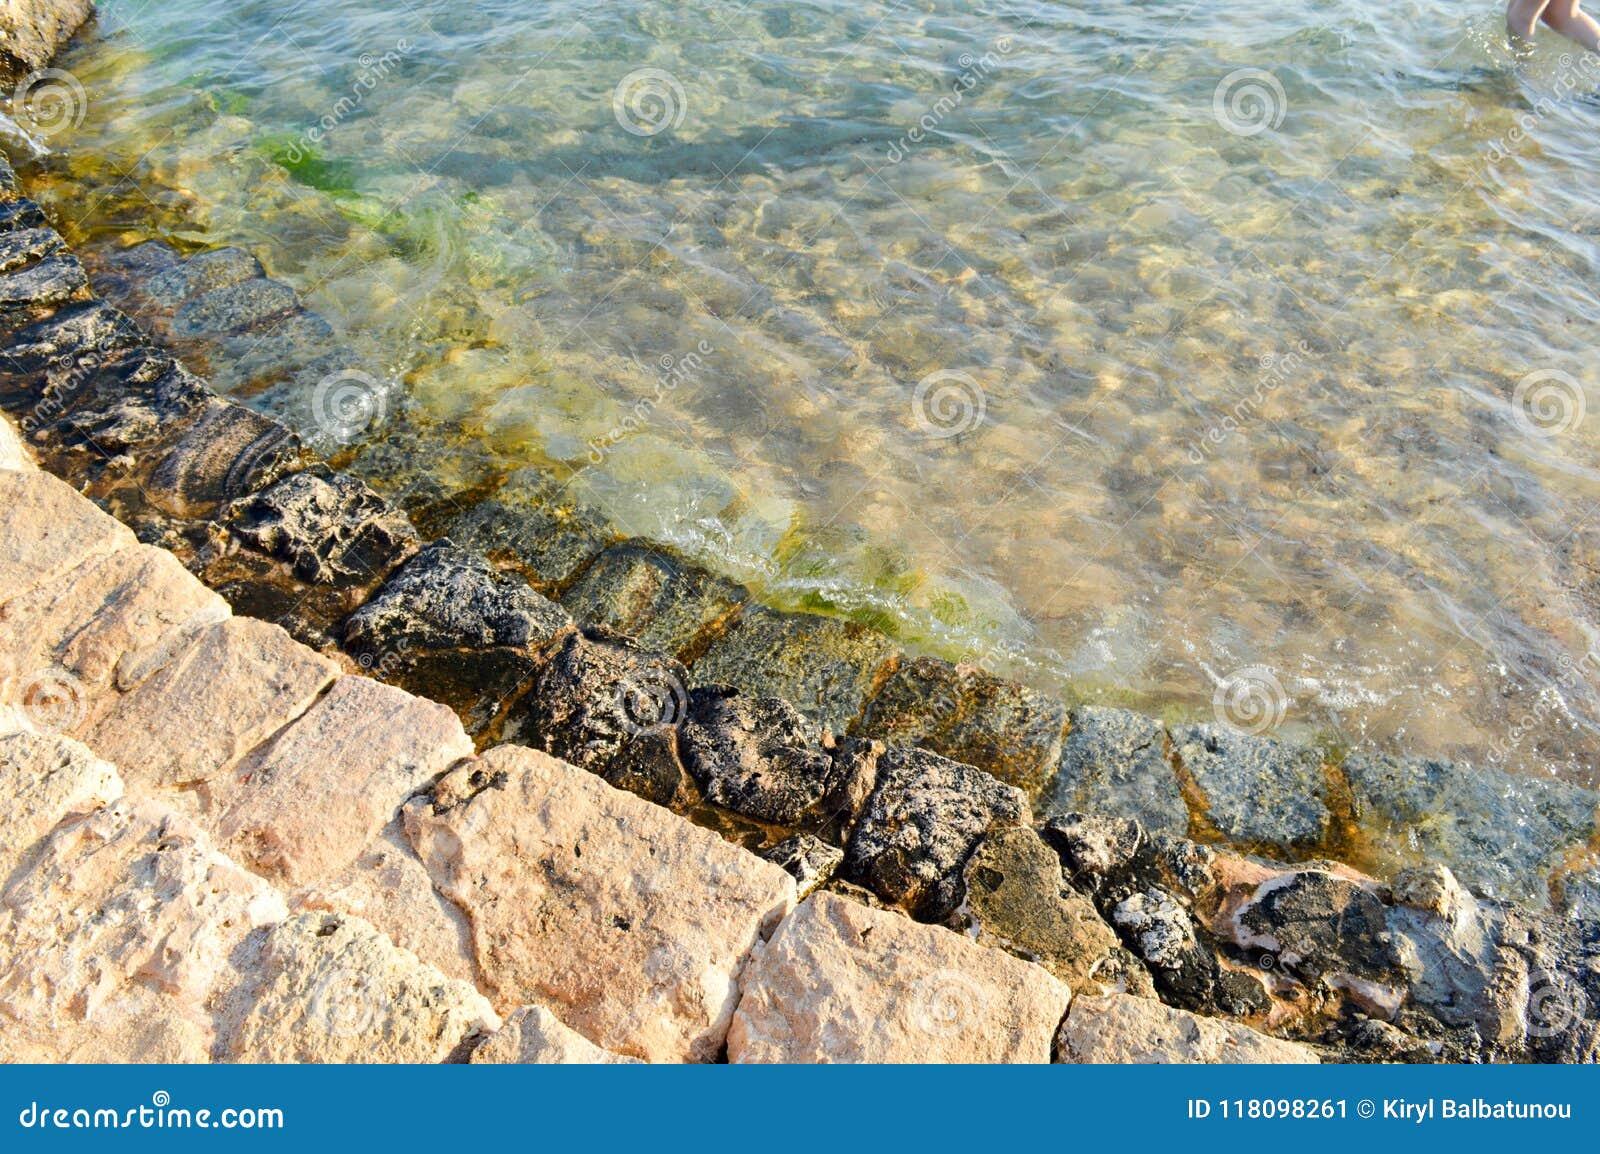 Παλαιά αρχαία κίτρινα βήματα πετρών που καλύπτονται με την πράσινη λάσπη και τη λάσπη, κάθοδος στη θάλασσα, λίμνη, ωκεανός και θα